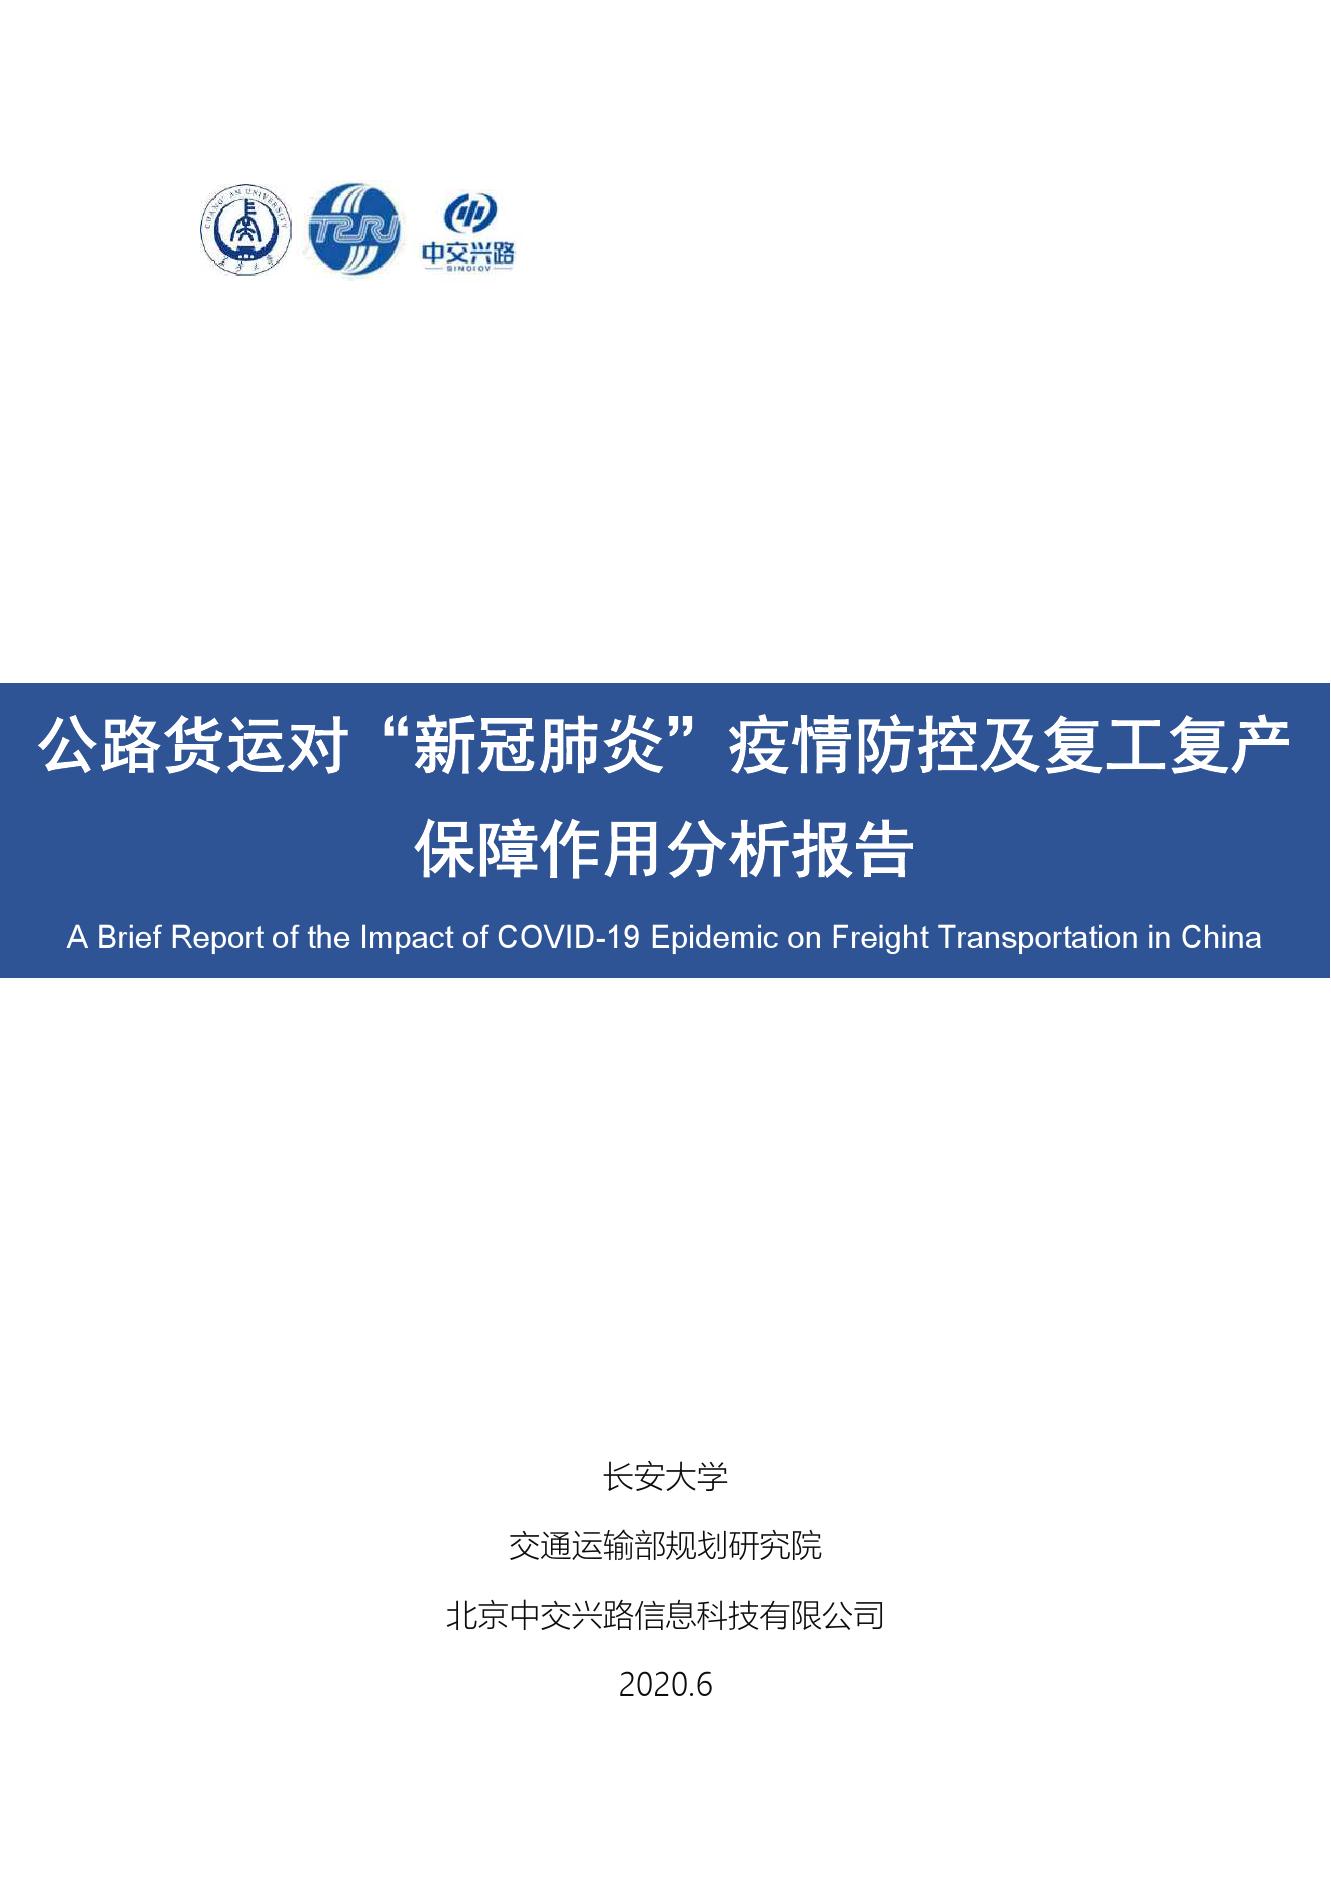 长安大学:中国公路货运疫情影响分析简报(可下载报告)插图(1)